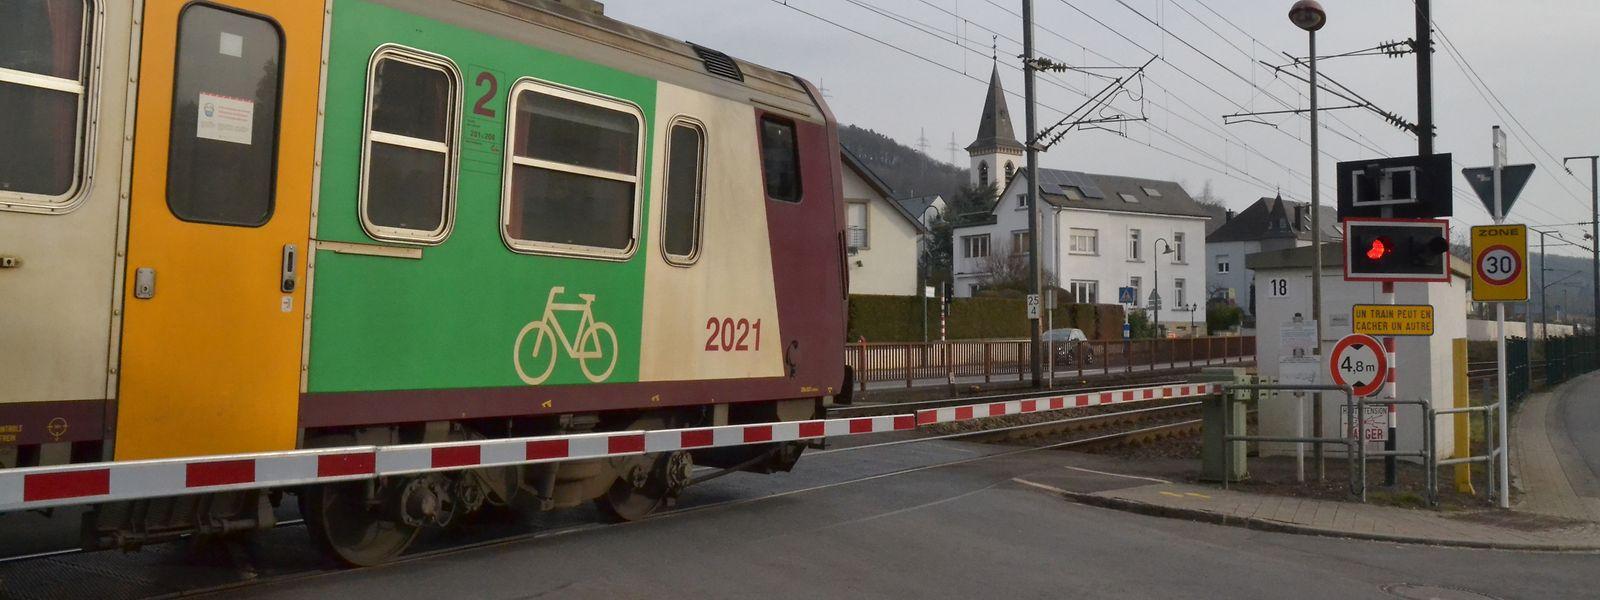 Manchmal schleppt sich der Abbau der Bahnschranken wegen politischer Unstimmigkeiten, wie in diesem Beispiel in Heisdorf.